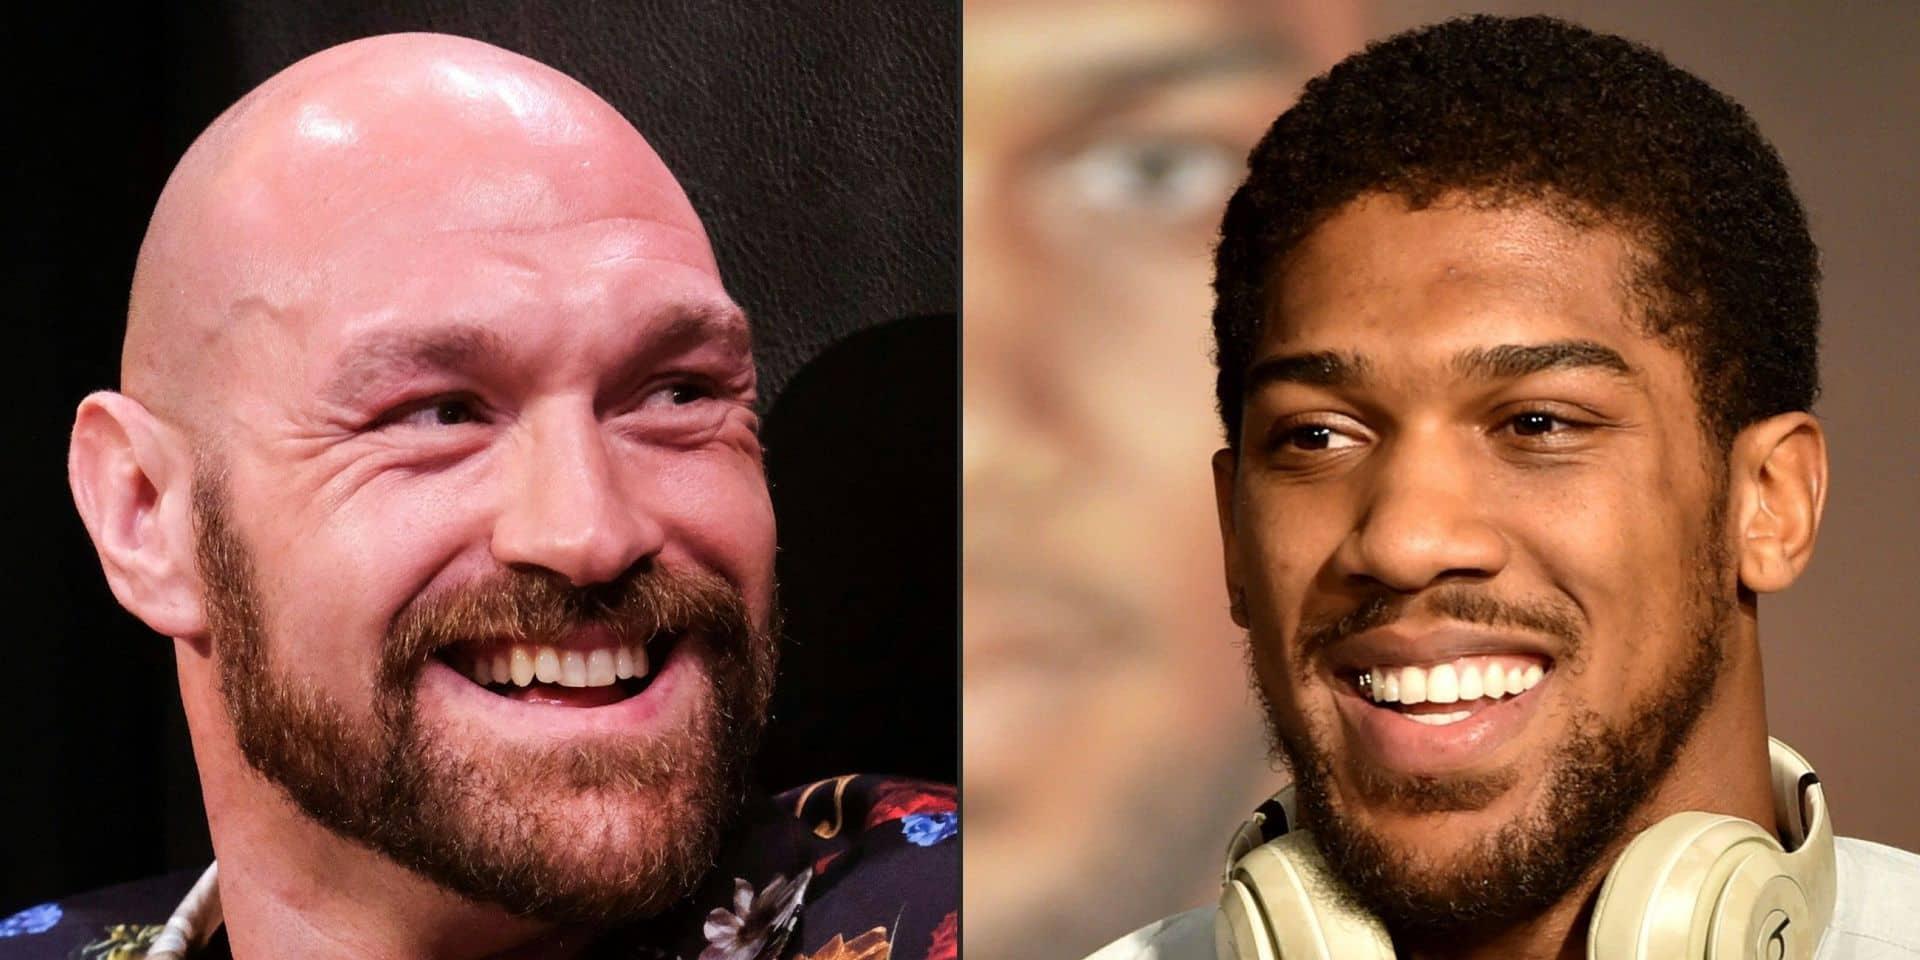 Boxe : Tyson Fury annonce un combat de réunification contre Anthony Joshua le 14 août en Arabie saoudite